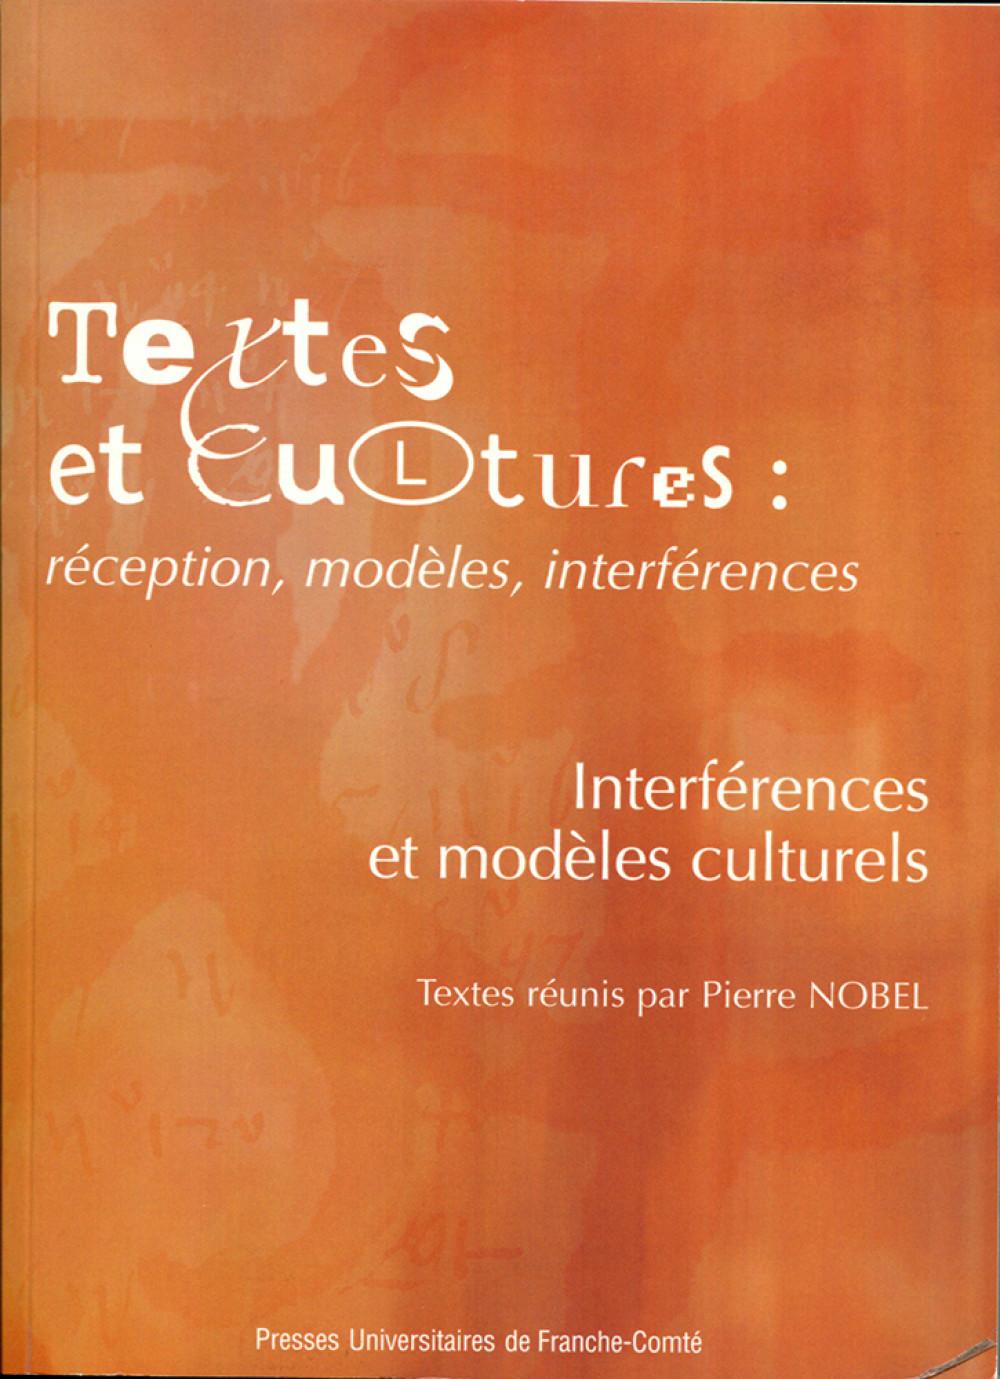 Textes et cultures : réception, modèles, interférences - Volume 2